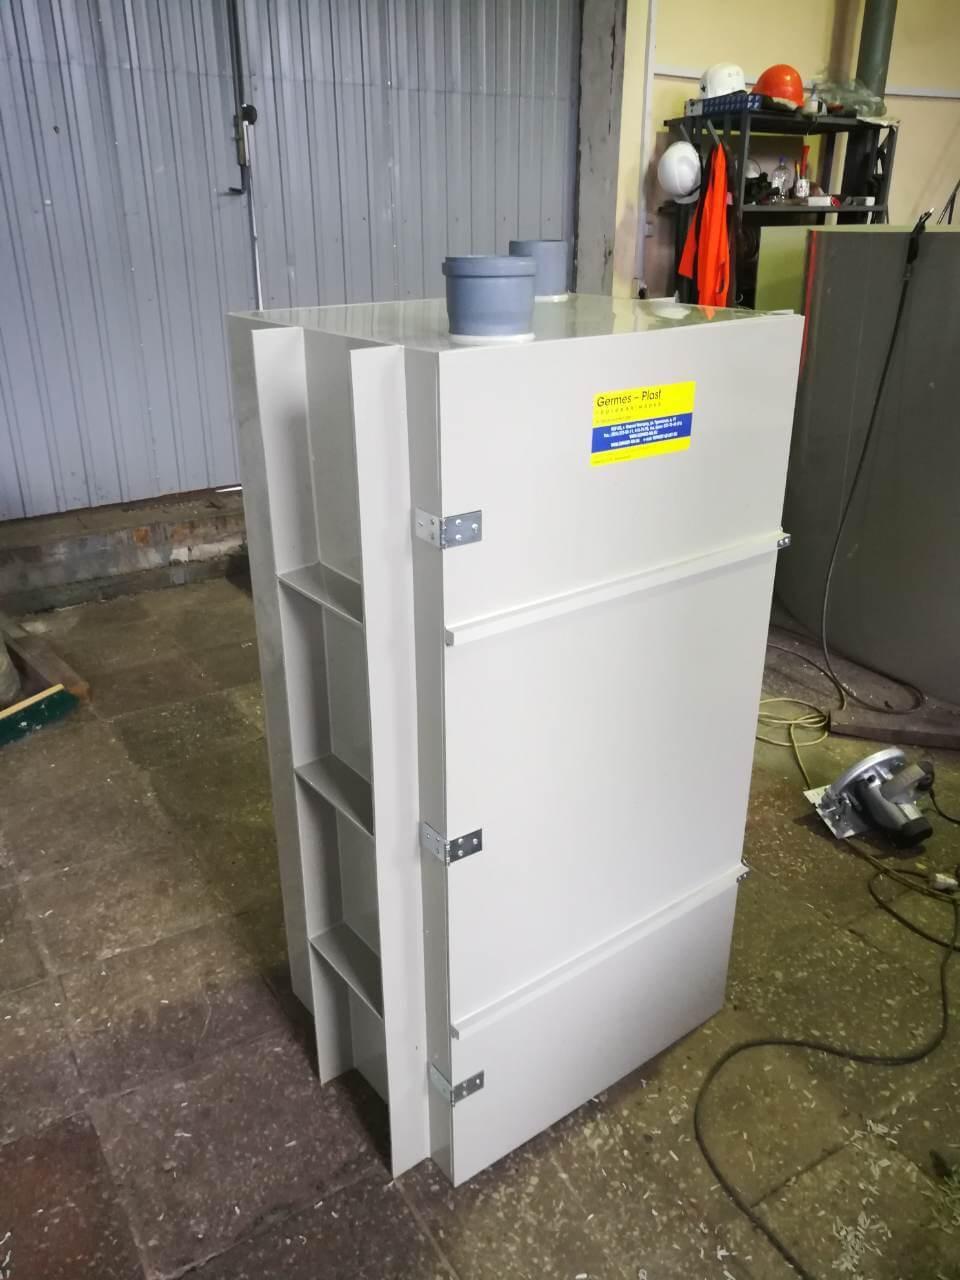 Прямоугольная пластиковая емкость для очистных сооруже-нийПрямоугольная пластиковая емкость для очистных сооружений